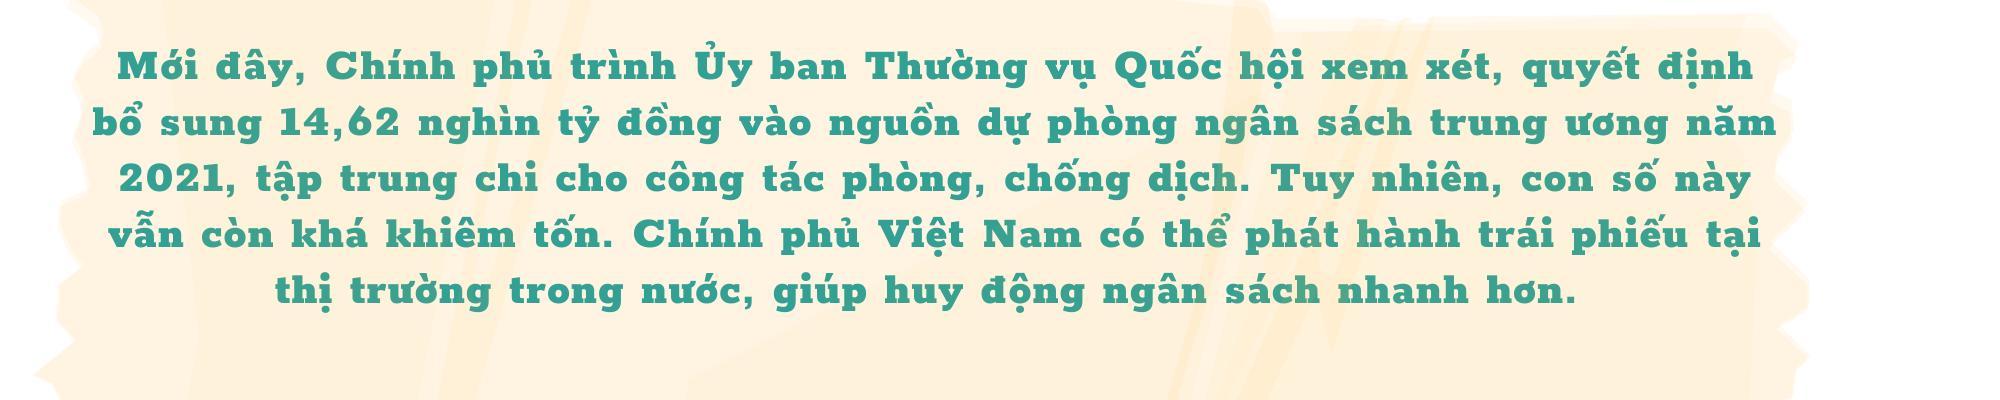 """Kinh tế trưởng ADB: Việt Nam đang bảo vệ """"túi tiền"""" ngân sách hơn là bảo toàn động lực tăng trưởng - Ảnh 6."""